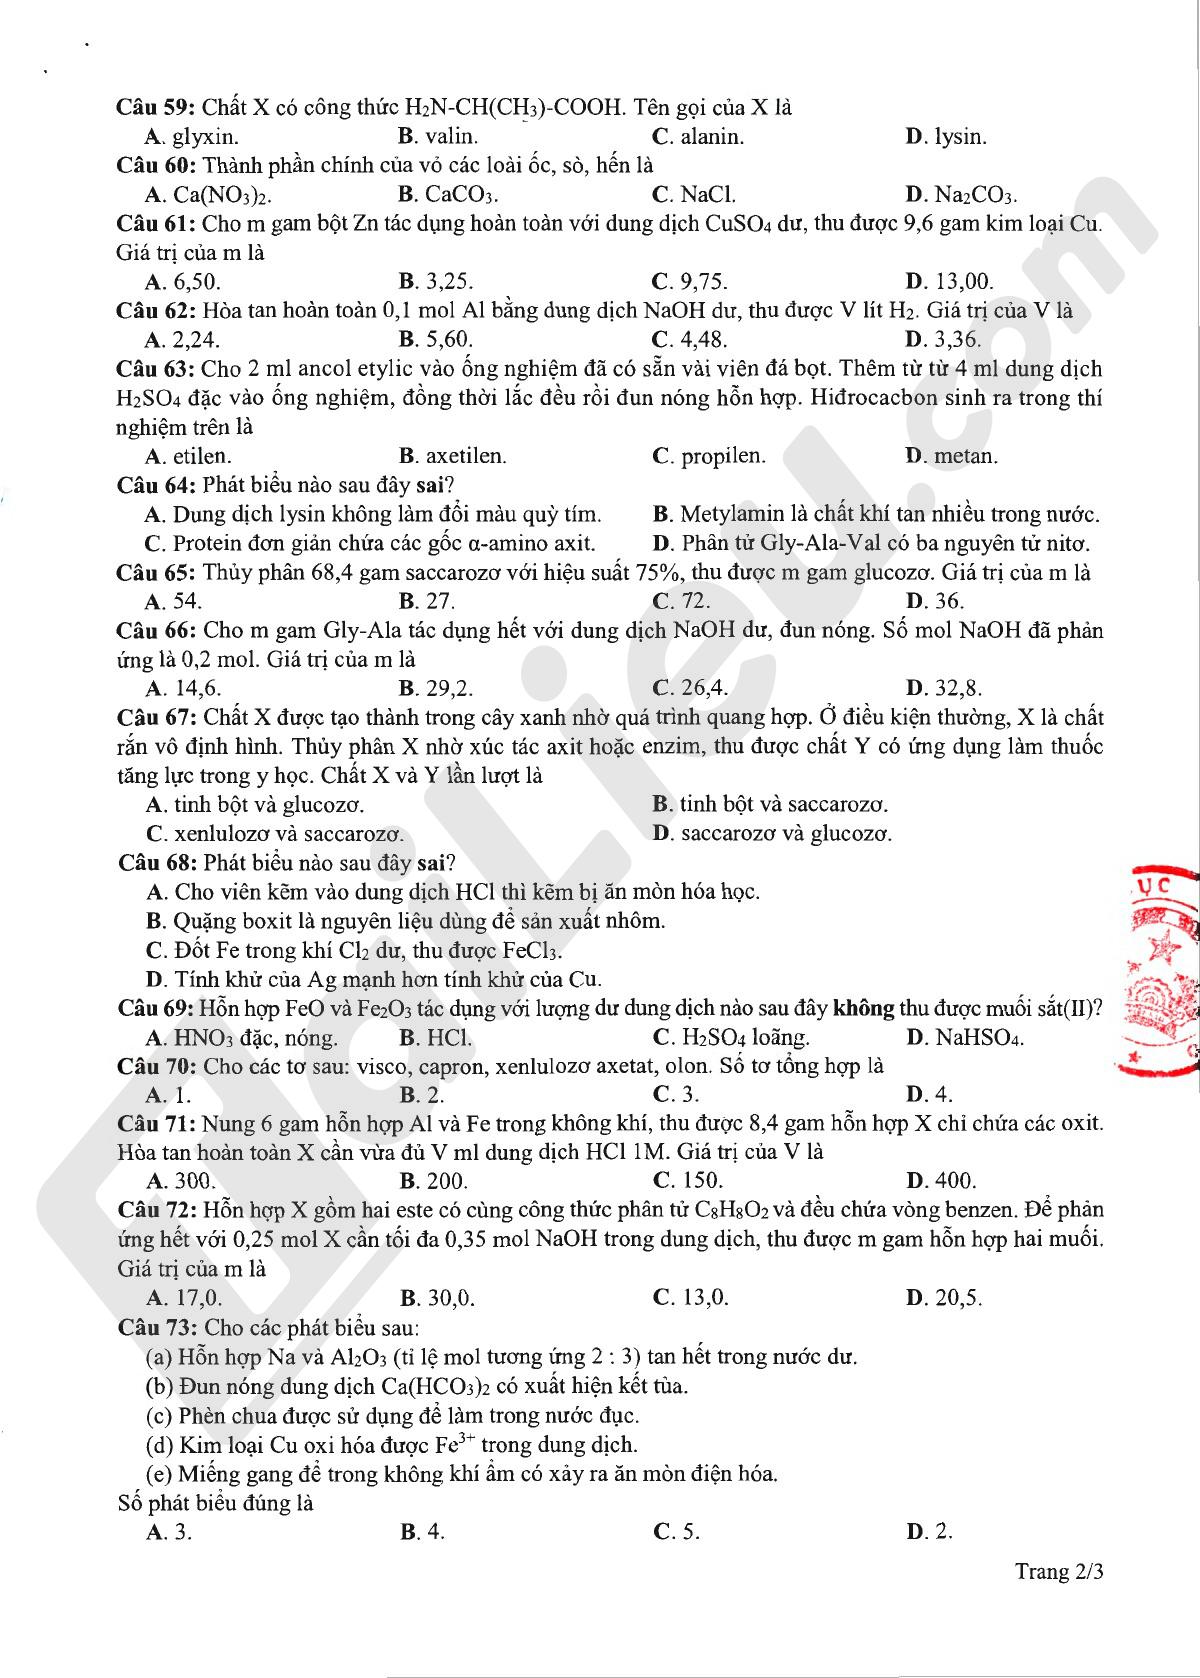 Đề minh họa thi tốt nghiệp THPT 2020 môn hóa lần 2_2